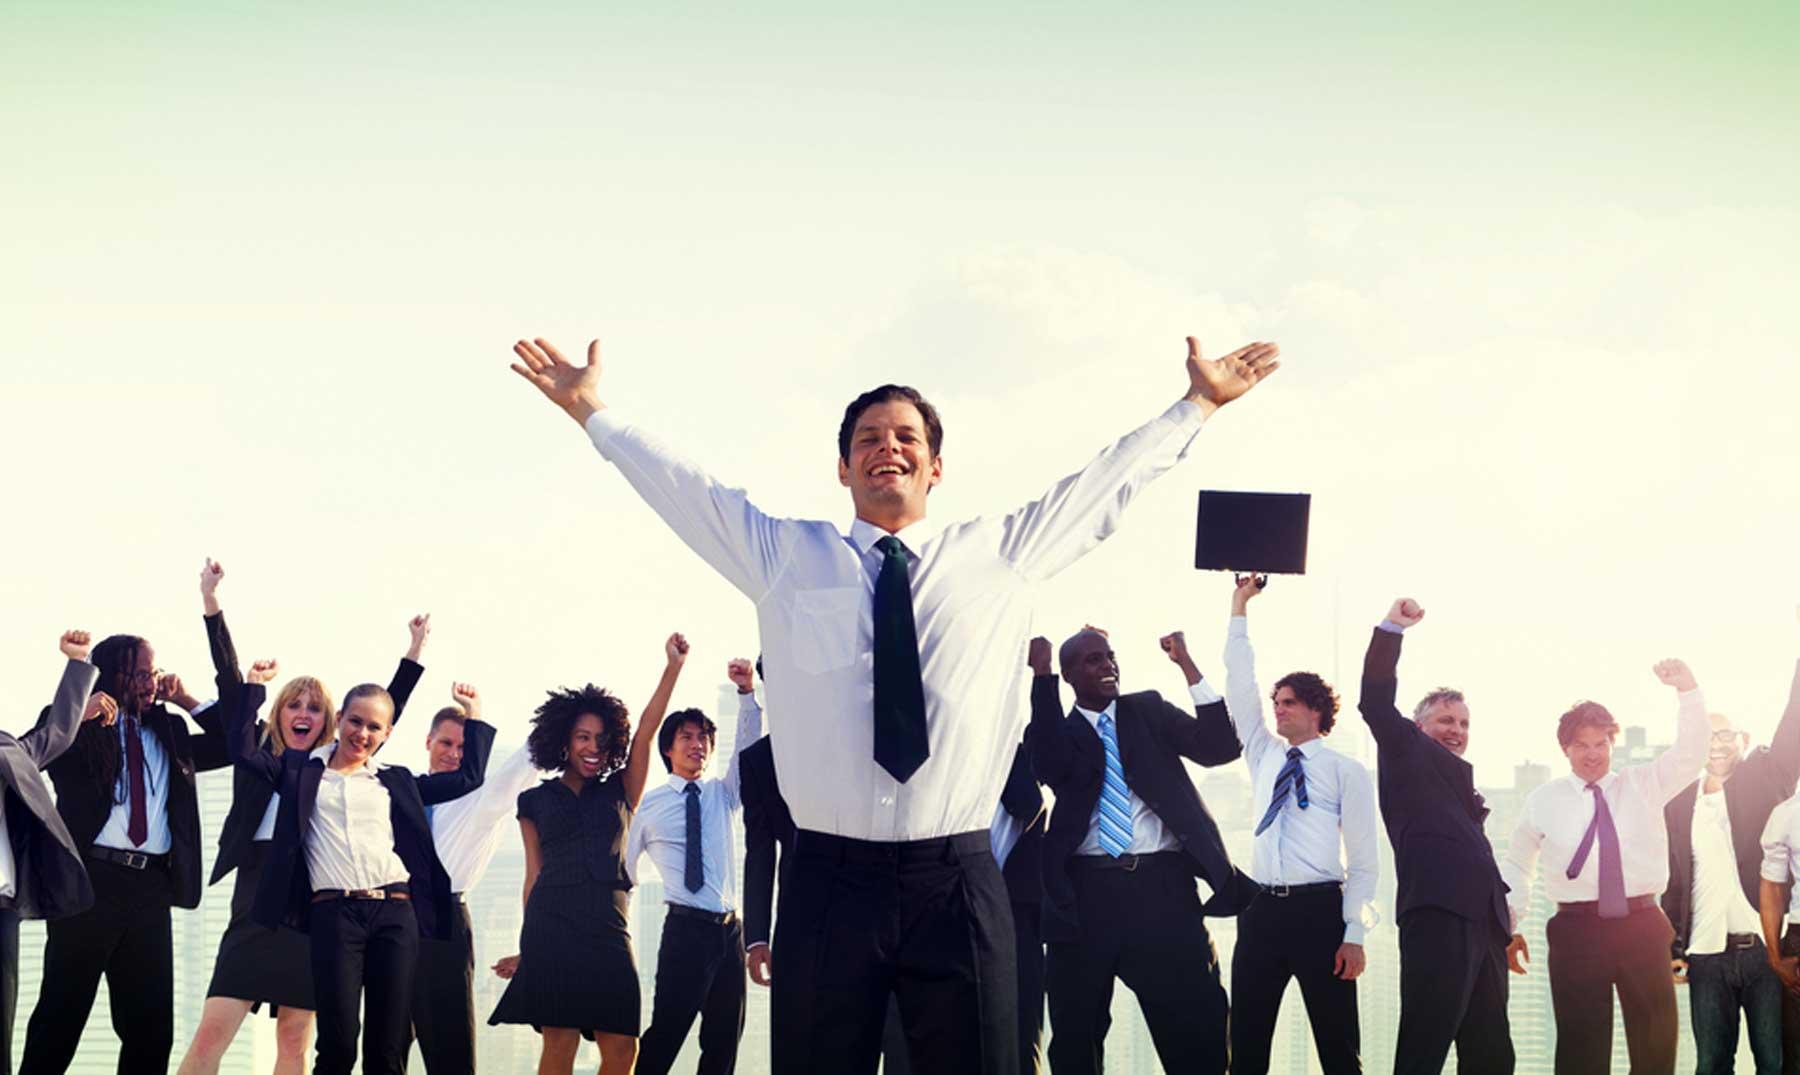 160 Frases Motivacionales De Trabajo Levantar El ánimo